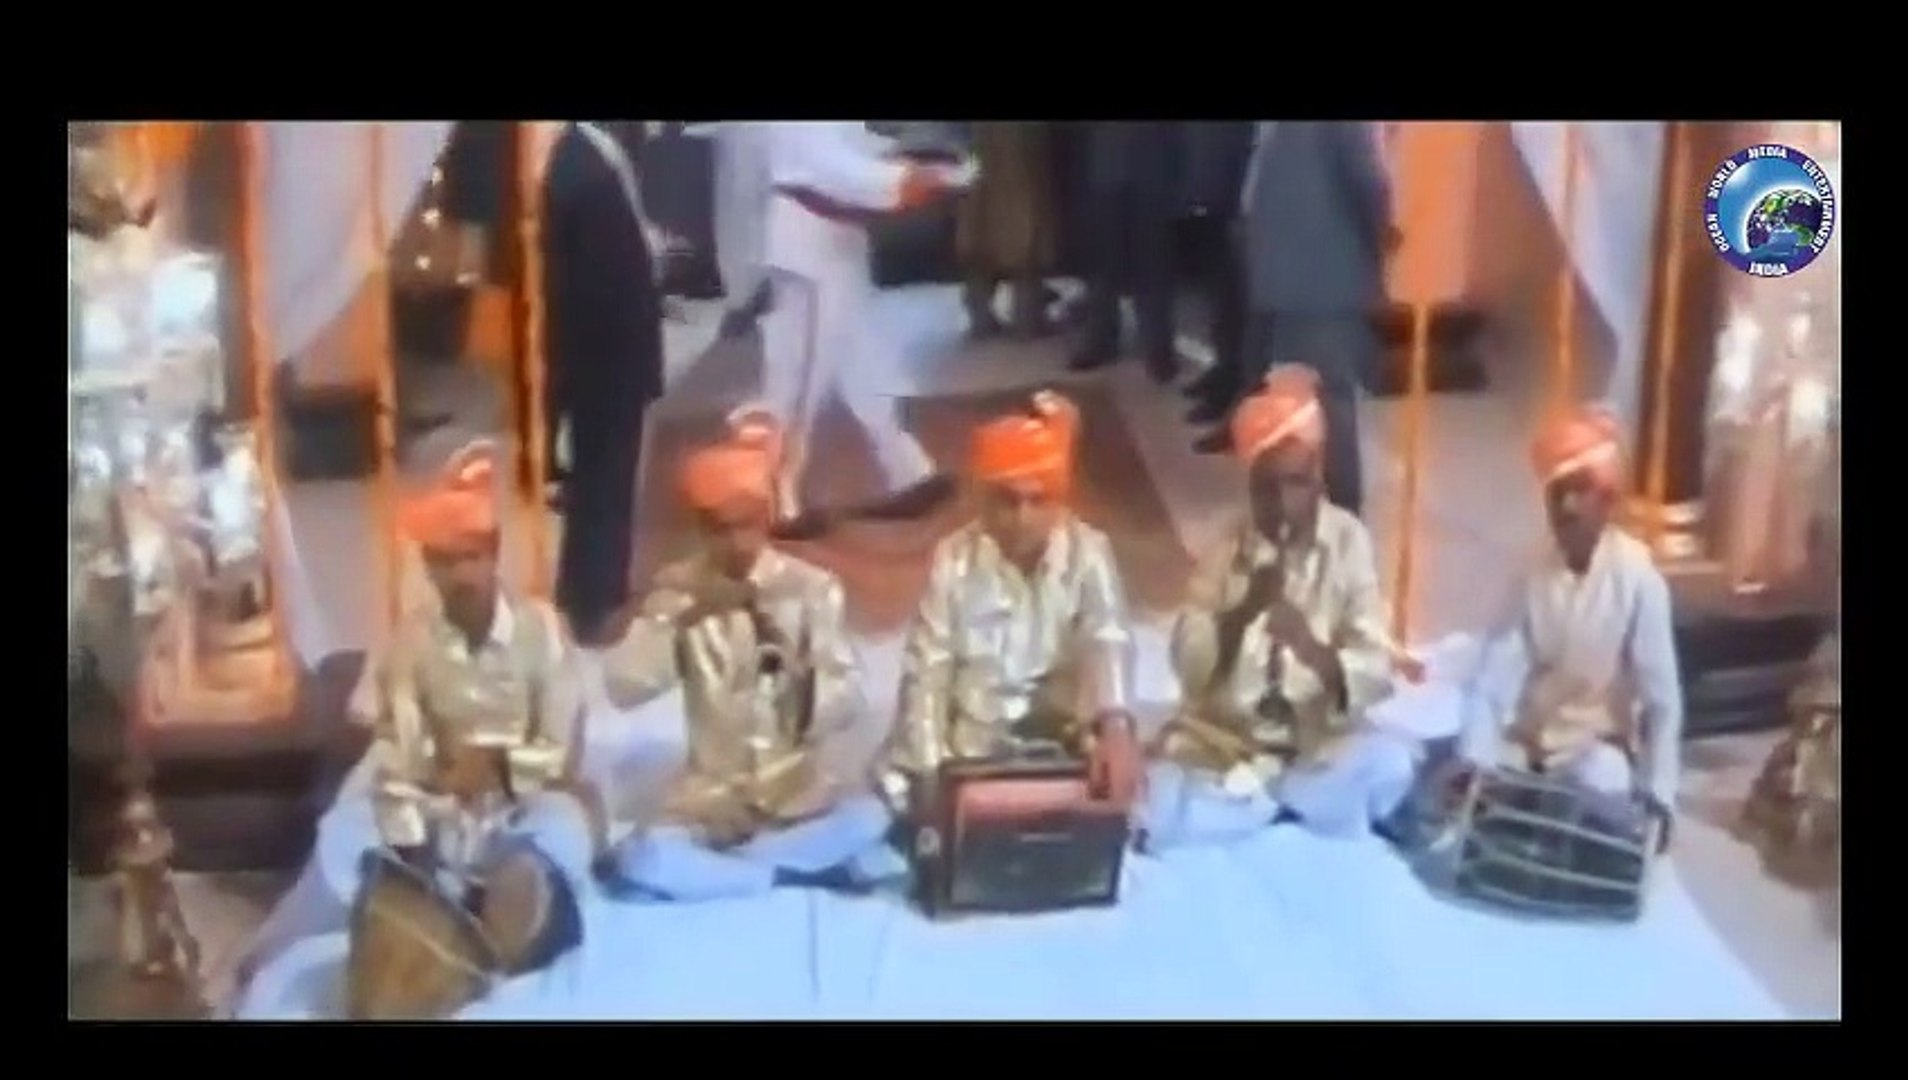 Saajan Ka Ghar Complete Song Audiovideo Rishi Kapoor Juhi Chawla Alka Yag High